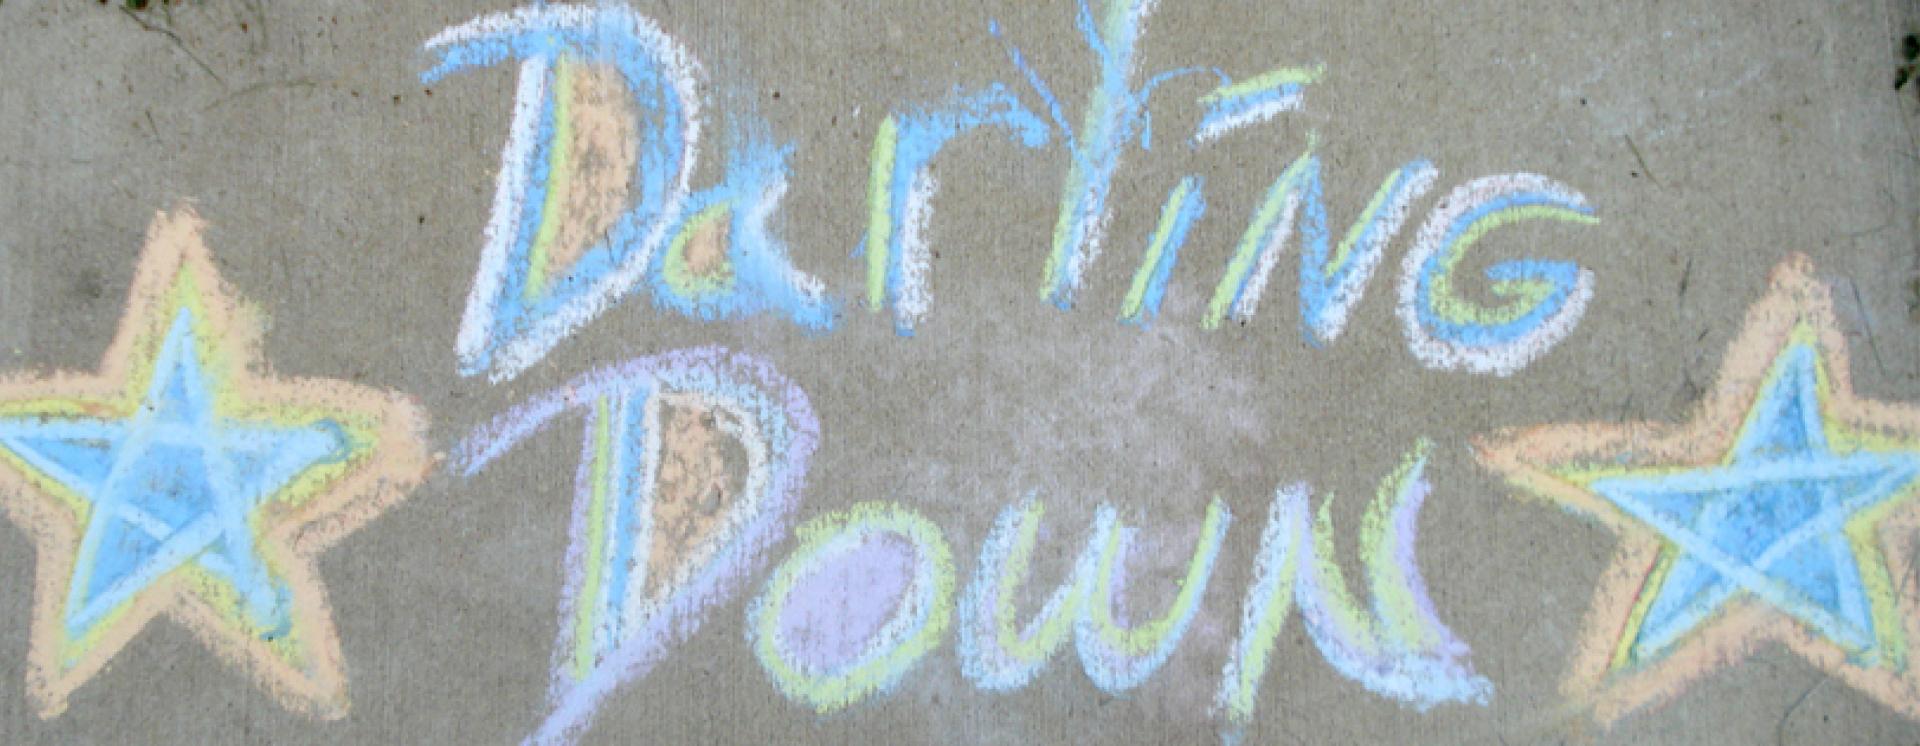 1371827615 chalk name copy